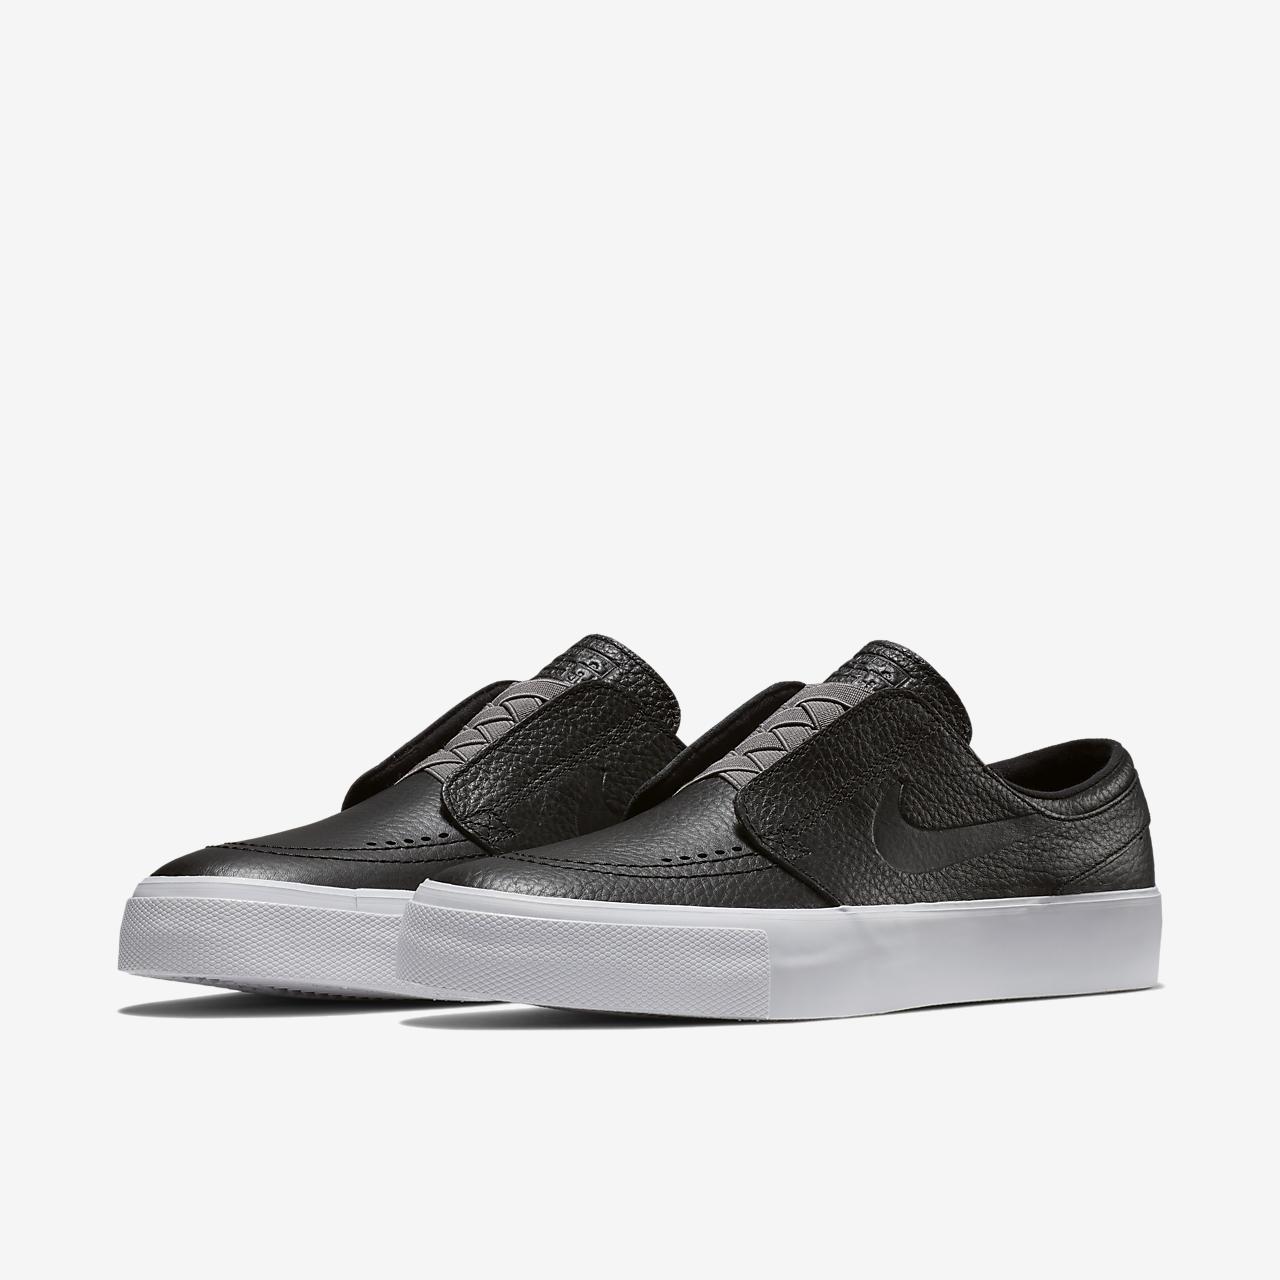 Nike Men's Sb Zoom Janoski Ht Slip Skate Shoe